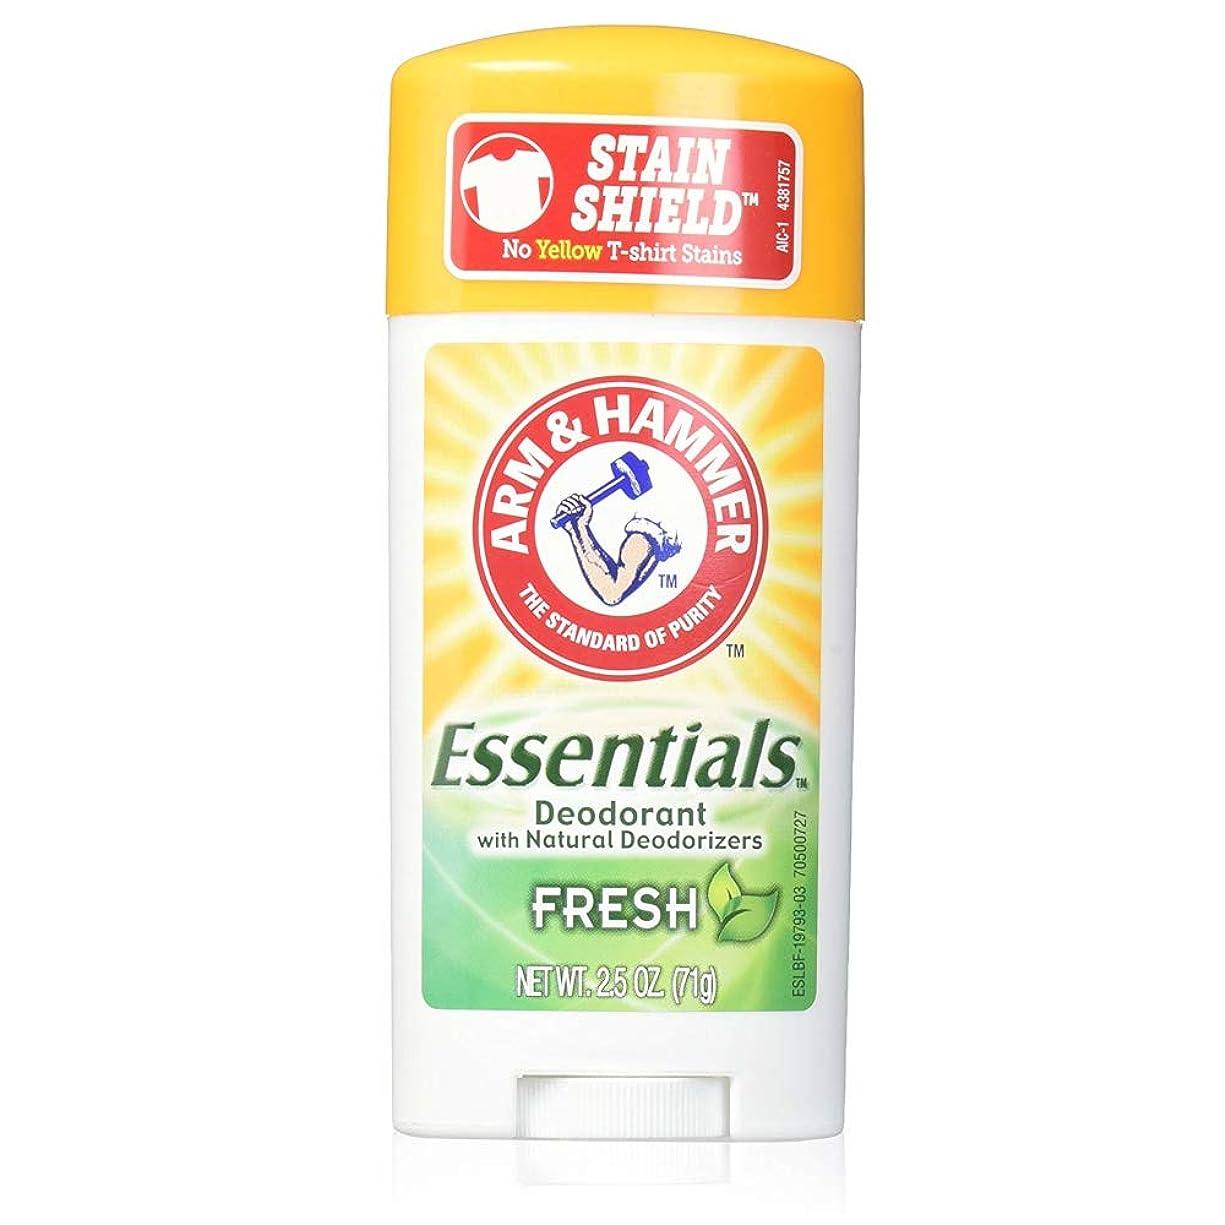 誘惑緯度防水アーム&ハマー デオドラント【フレッシュ】制汗剤【お風呂上がりの香り】Arm & Hammer Essentials Natural Deodorant Fresh 71?[並行輸入品]